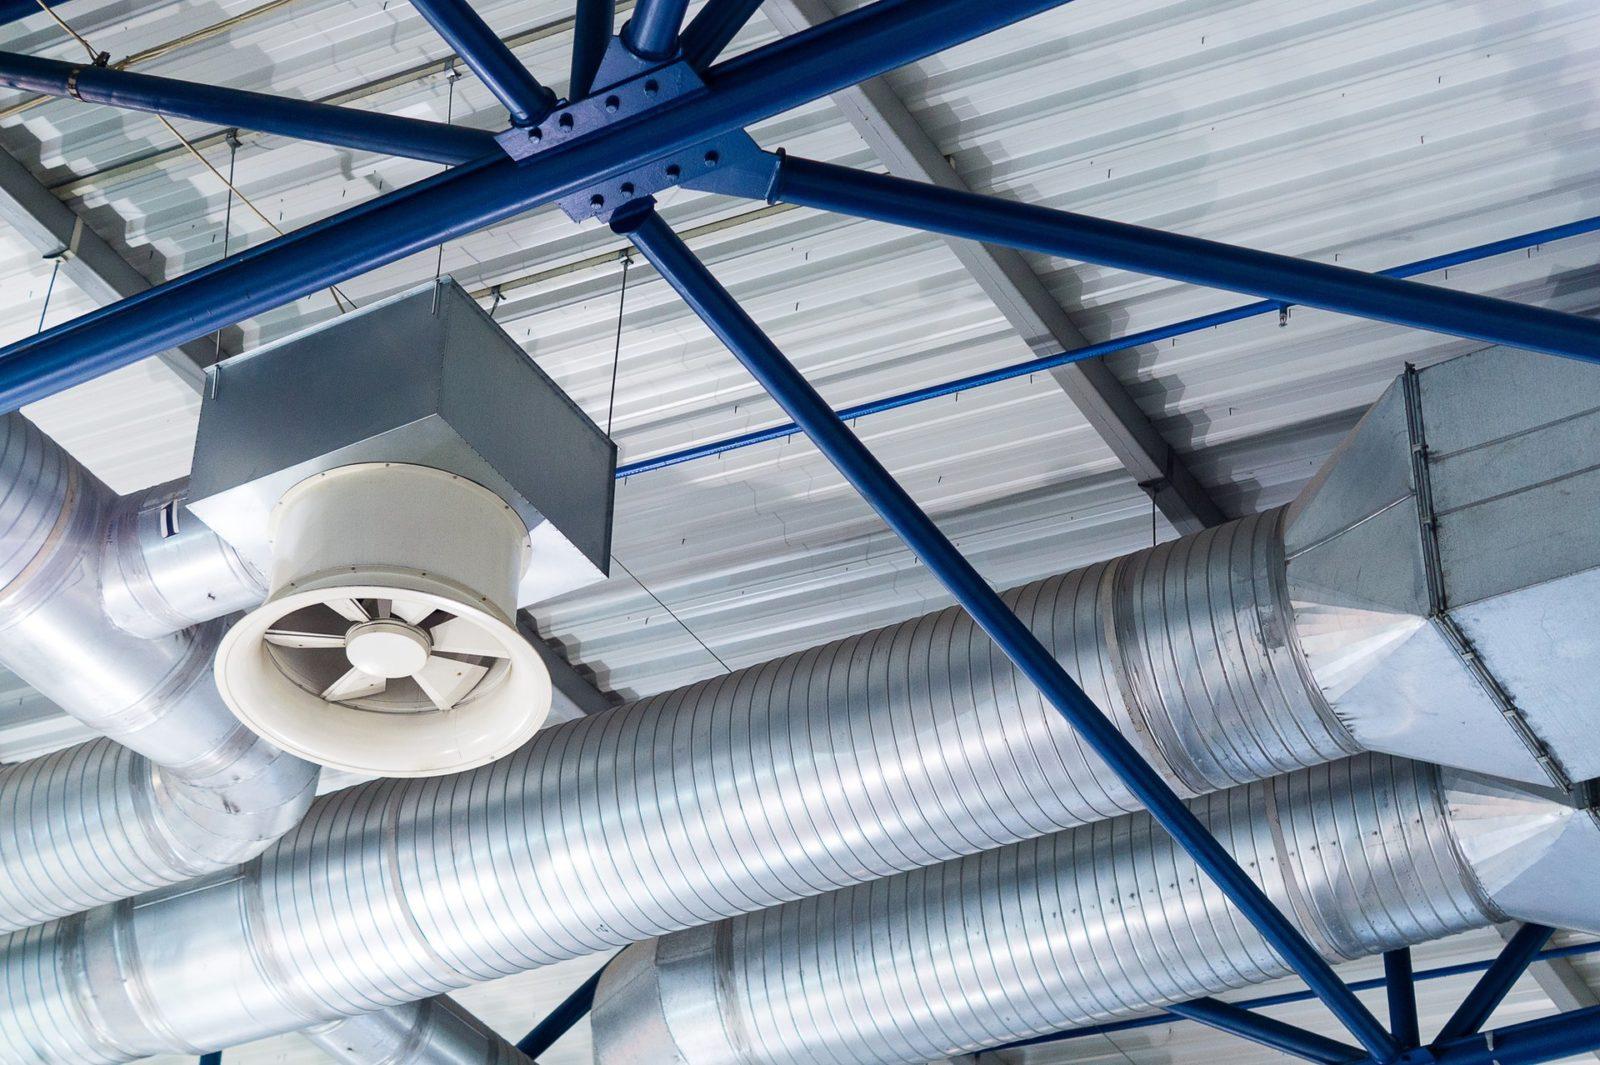 Пожарная безопасность систем вентиляции: на что обратить внимание, чтобы снизить риски возгорания?